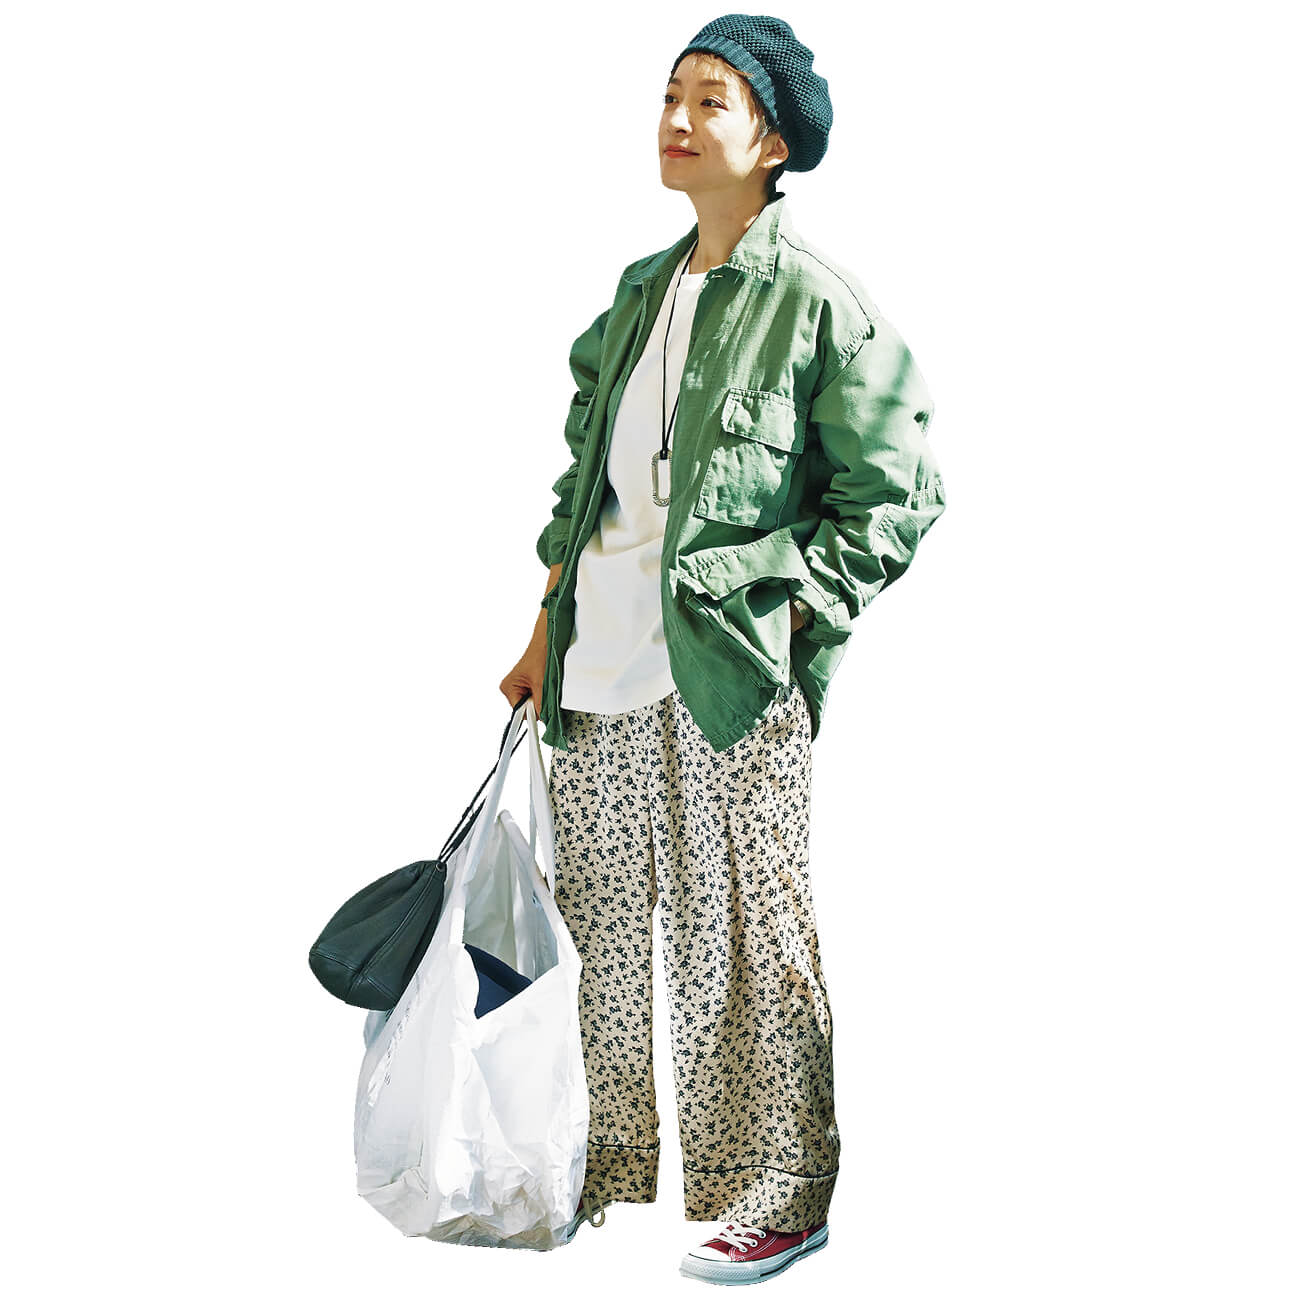 モデル/高山 都 パンツ/上と同じ ジャケット¥10780/セム インターナショナル(ロスコ) Tシャツ¥2750/オンワード樫山(エニィ ファム) ベレー帽¥6050/カシラ プレスルーム ネックレス¥29700・バングル¥64900/アダワットトゥアレグ バッグ(大)¥3190/ヴォイリーストア バッグ(小)¥15400/シック(フィル ザ ビル) 靴¥6380/コンバースインフォメーションセンター